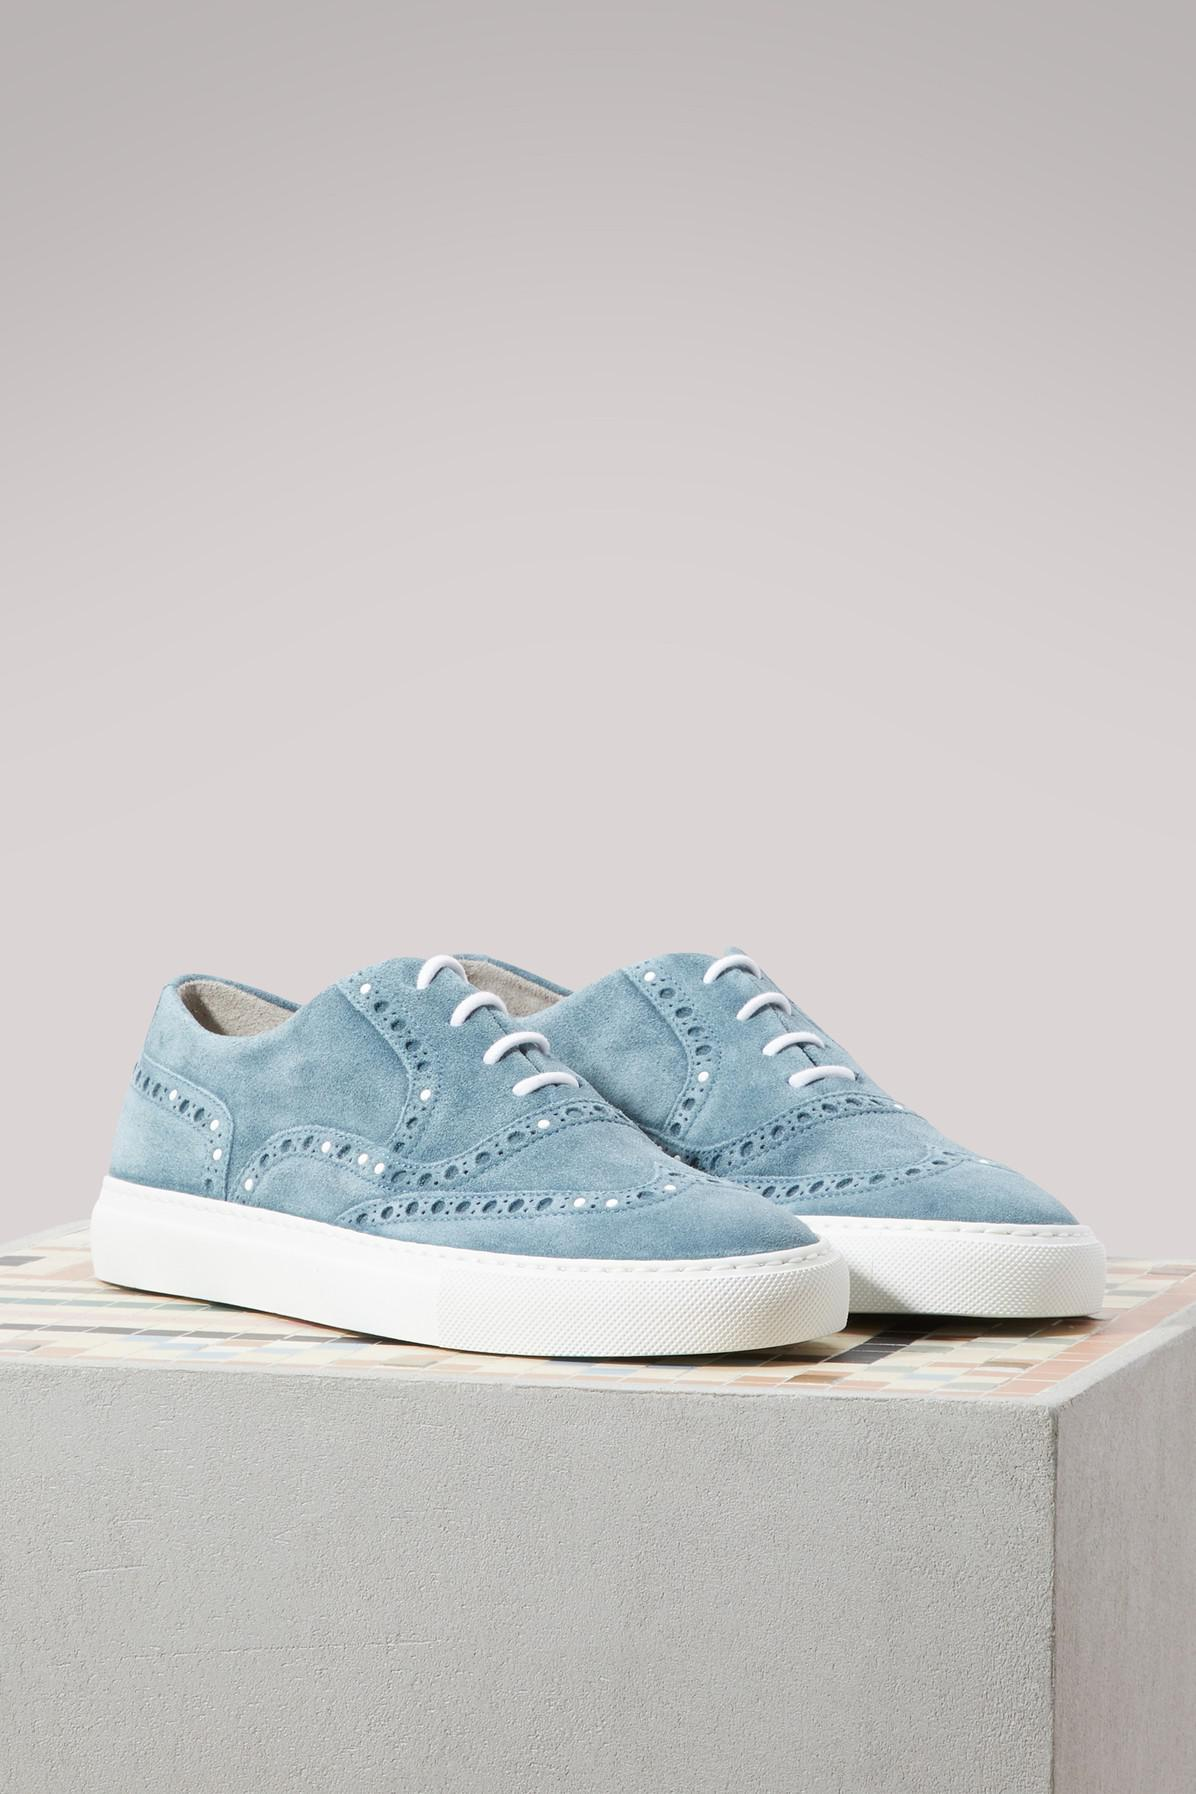 SARTORE Cinereo suede sneakers TUoG5P75Ho